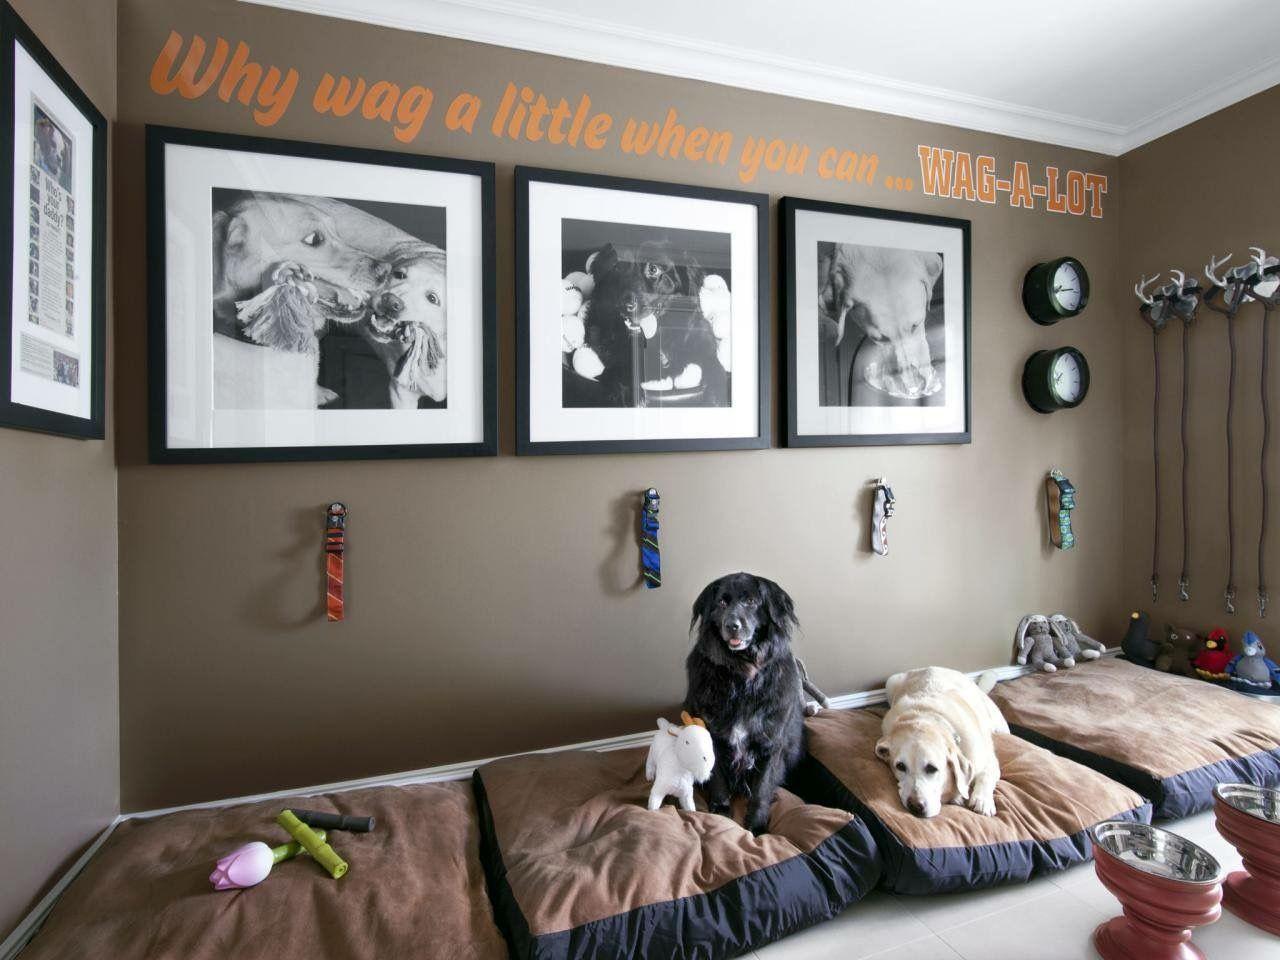 Épinglé par Theresa Ross sur For the love of dog(s)!   Pinterest ...